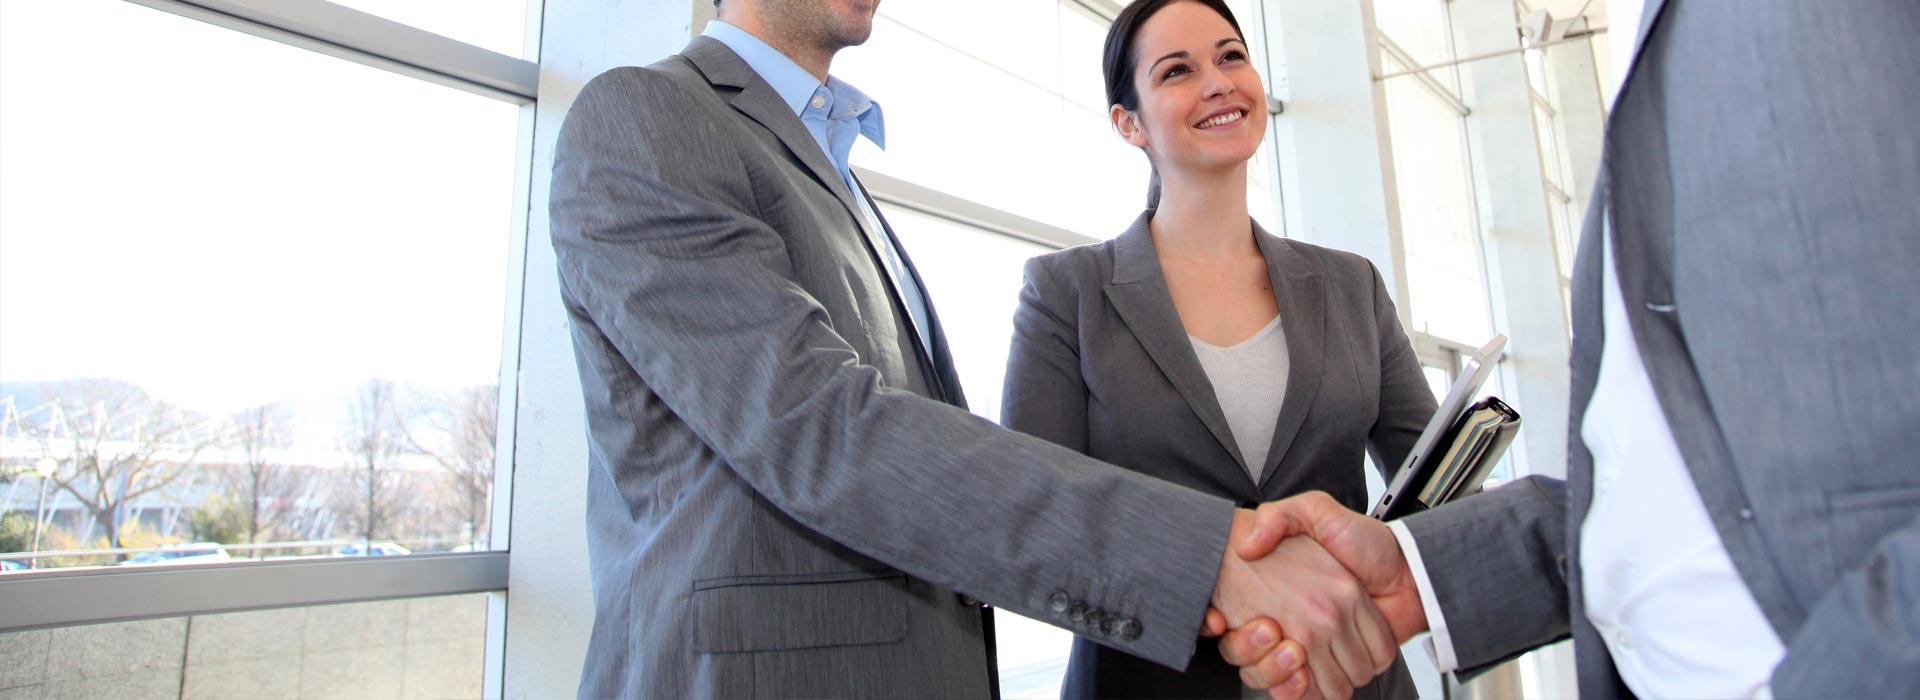 Artículos y noticias de actualidad sobre estrategia comercial, para enfocar los objetivos de todo el equipo y conseguir aumentar la productividad